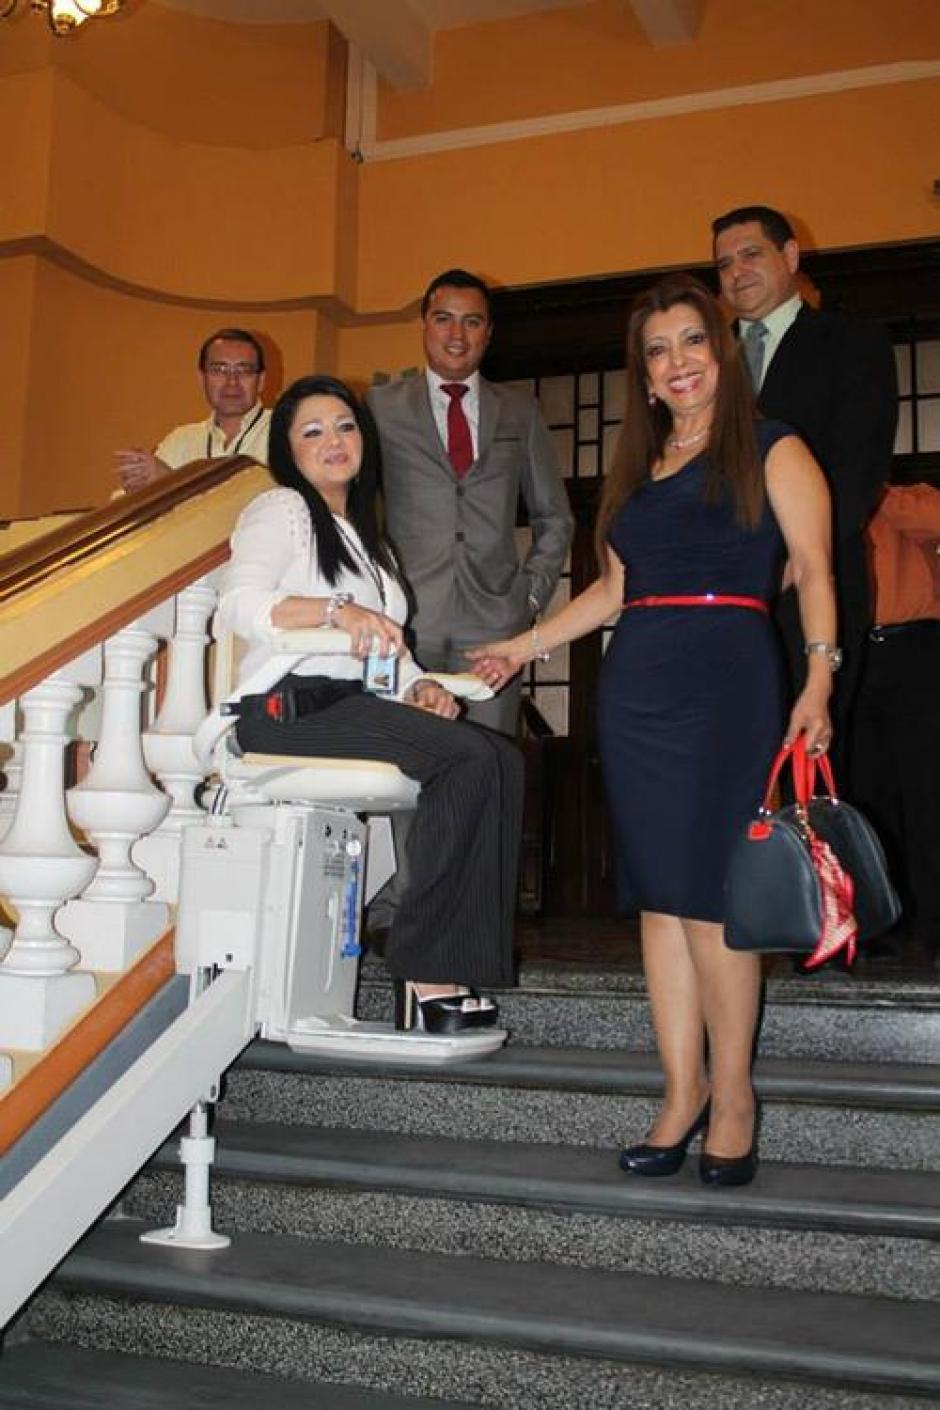 Samantha Mejía aparece en la imagen junto a Anabella de León, en las gradas del Registro de la Propiedad. (Foto: Archivo)